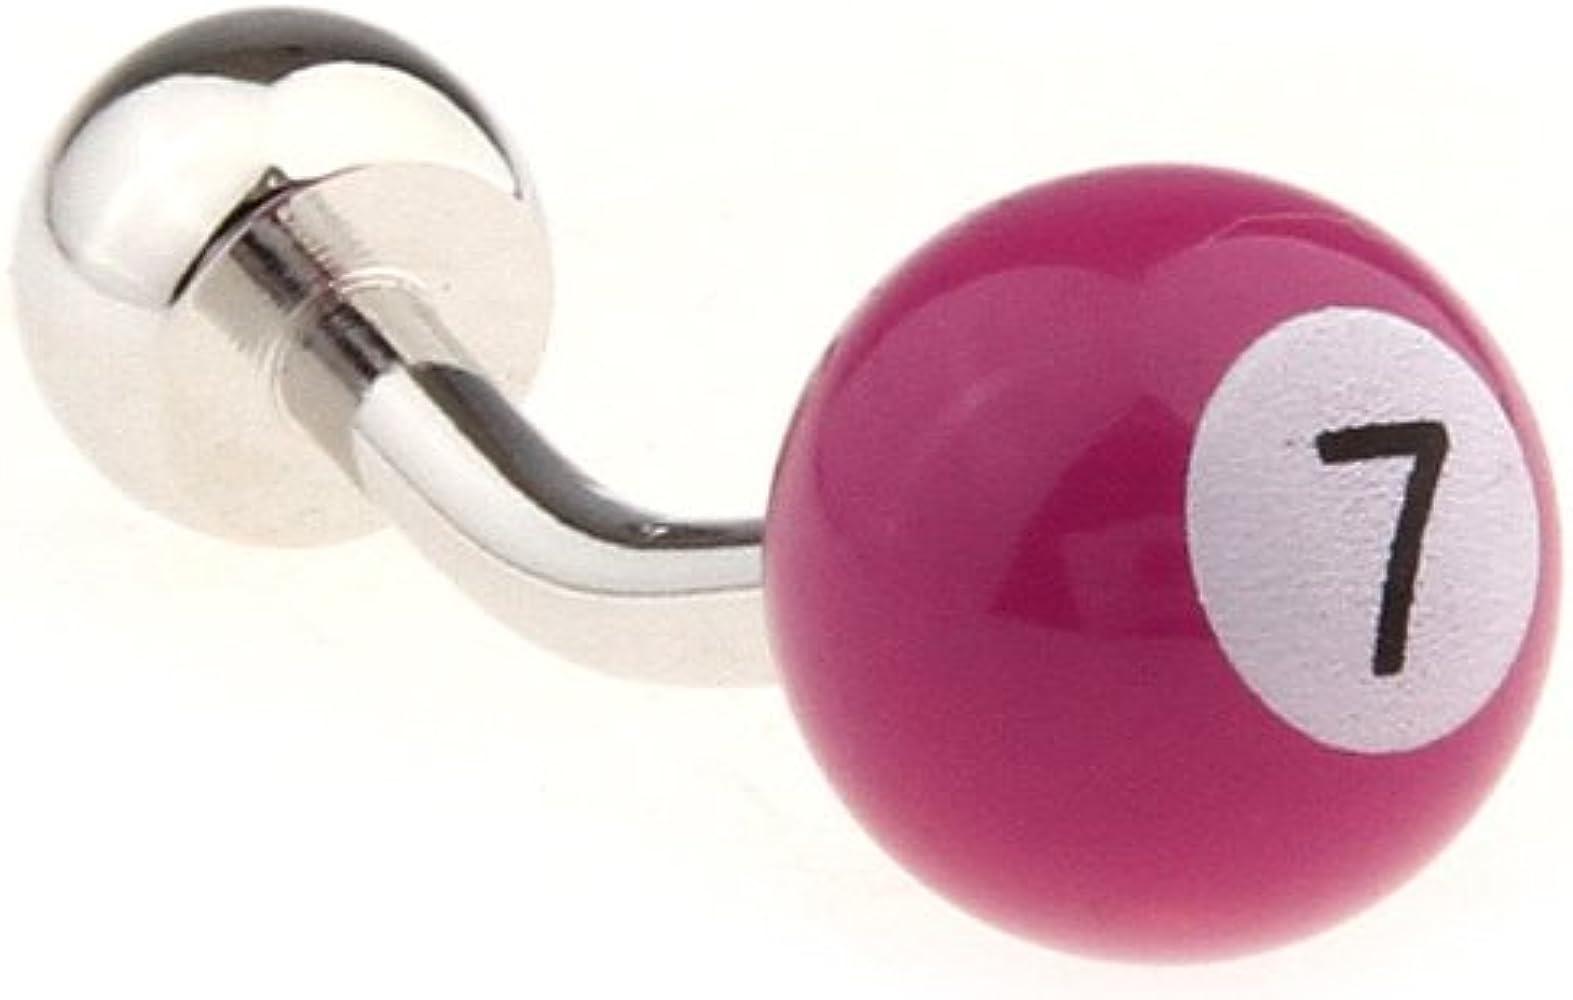 Gemelolandia - Gemelos bola de billar n 7 fucsia de forma redonda ...